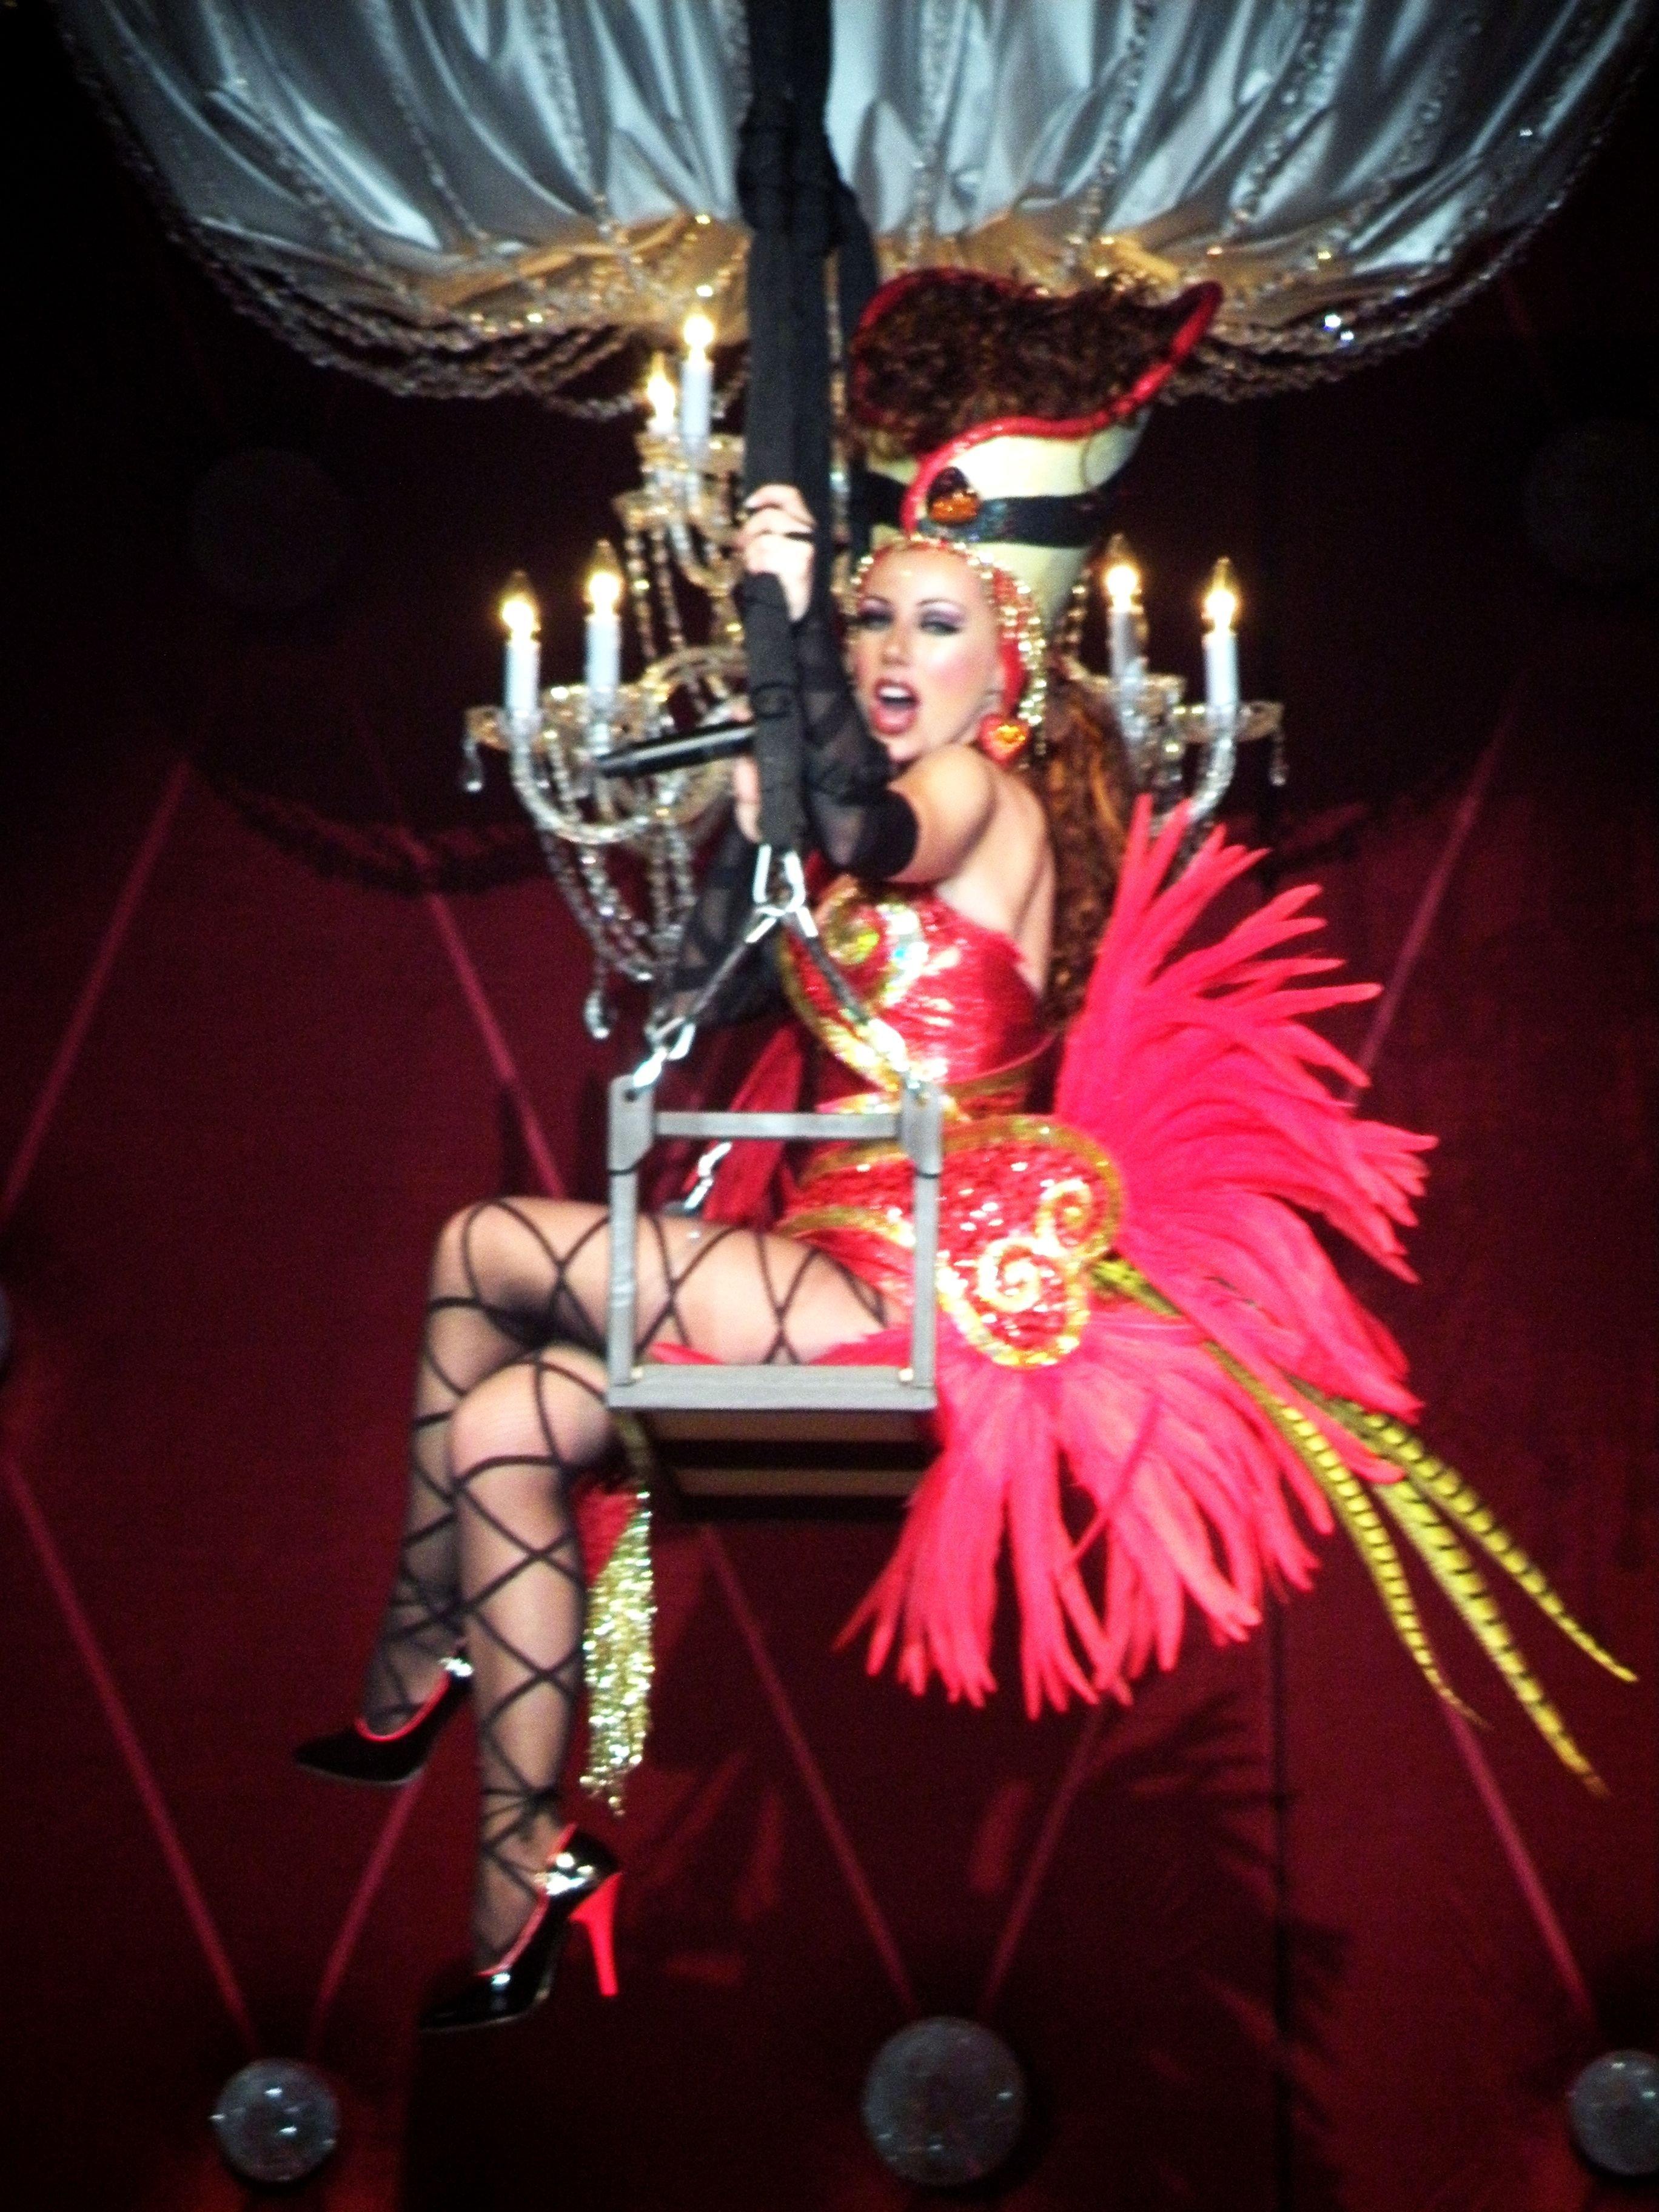 10 Famous Cirque Du Soleil Costume Ideas cirque du soleil costume ideas best costumes ideas reviews 2021